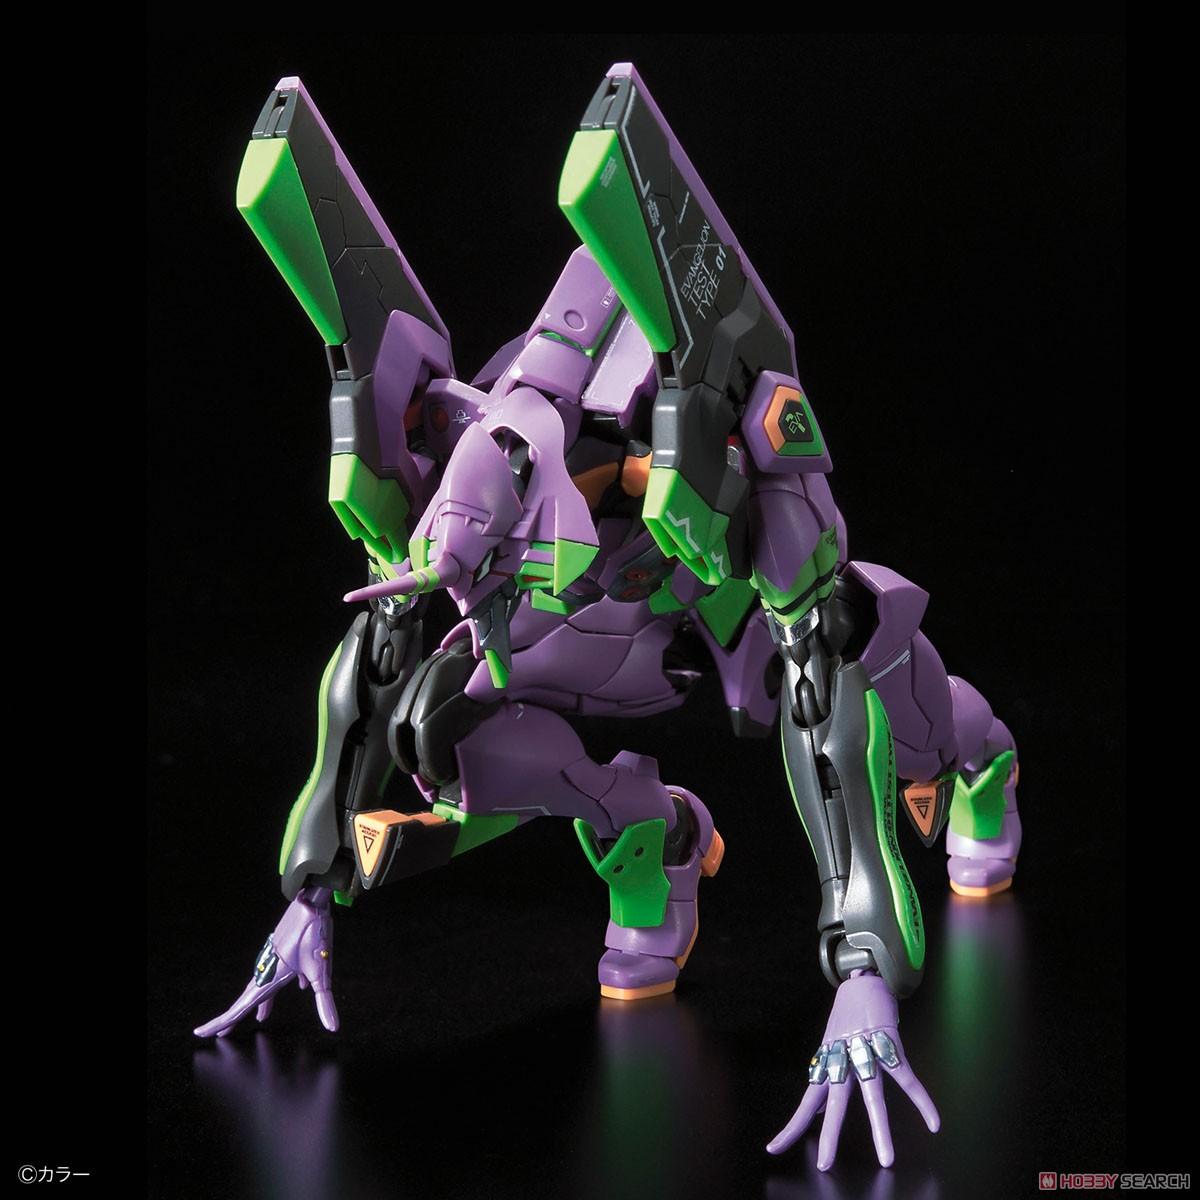 【8月再販】RG『汎用ヒト型決戦兵器 人造人間エヴァンゲリオン初号機』プラモデル-005